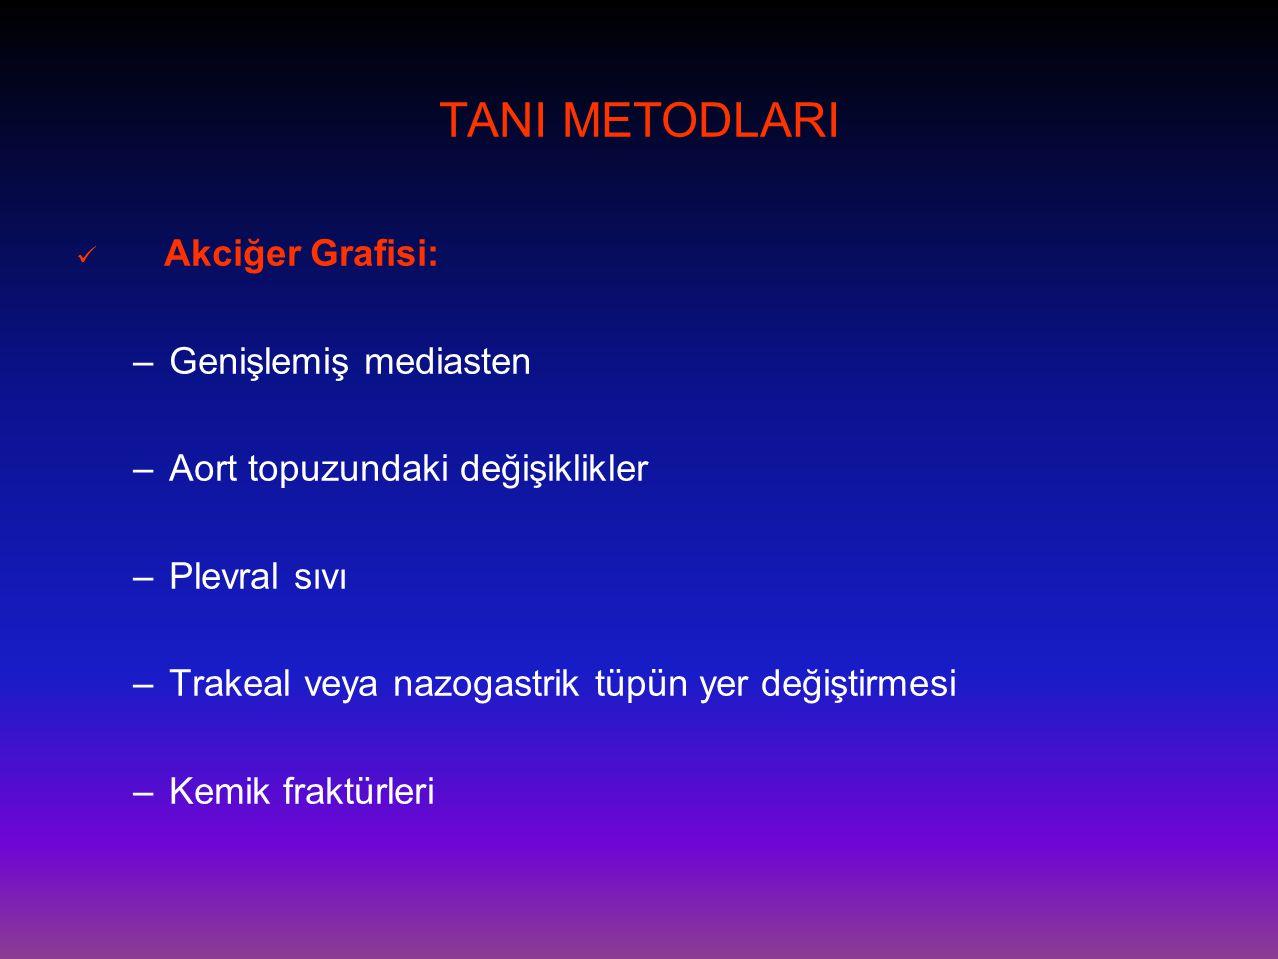 TANI METODLARI Genişlemiş mediasten Aort topuzundaki değişiklikler